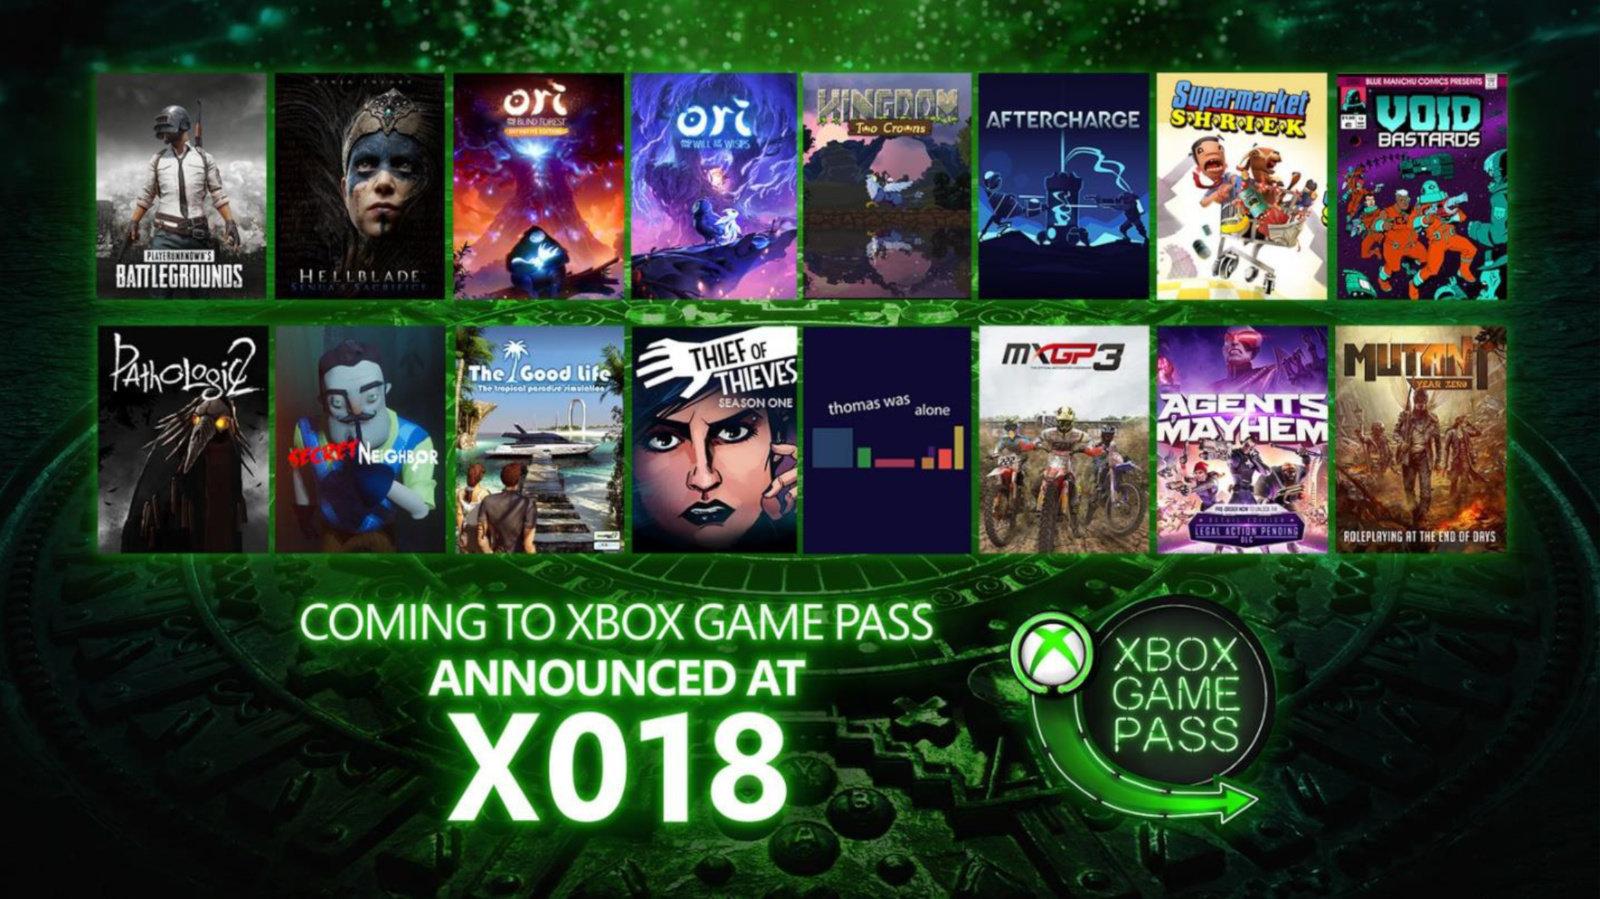 Xbox Game Pass Xo18